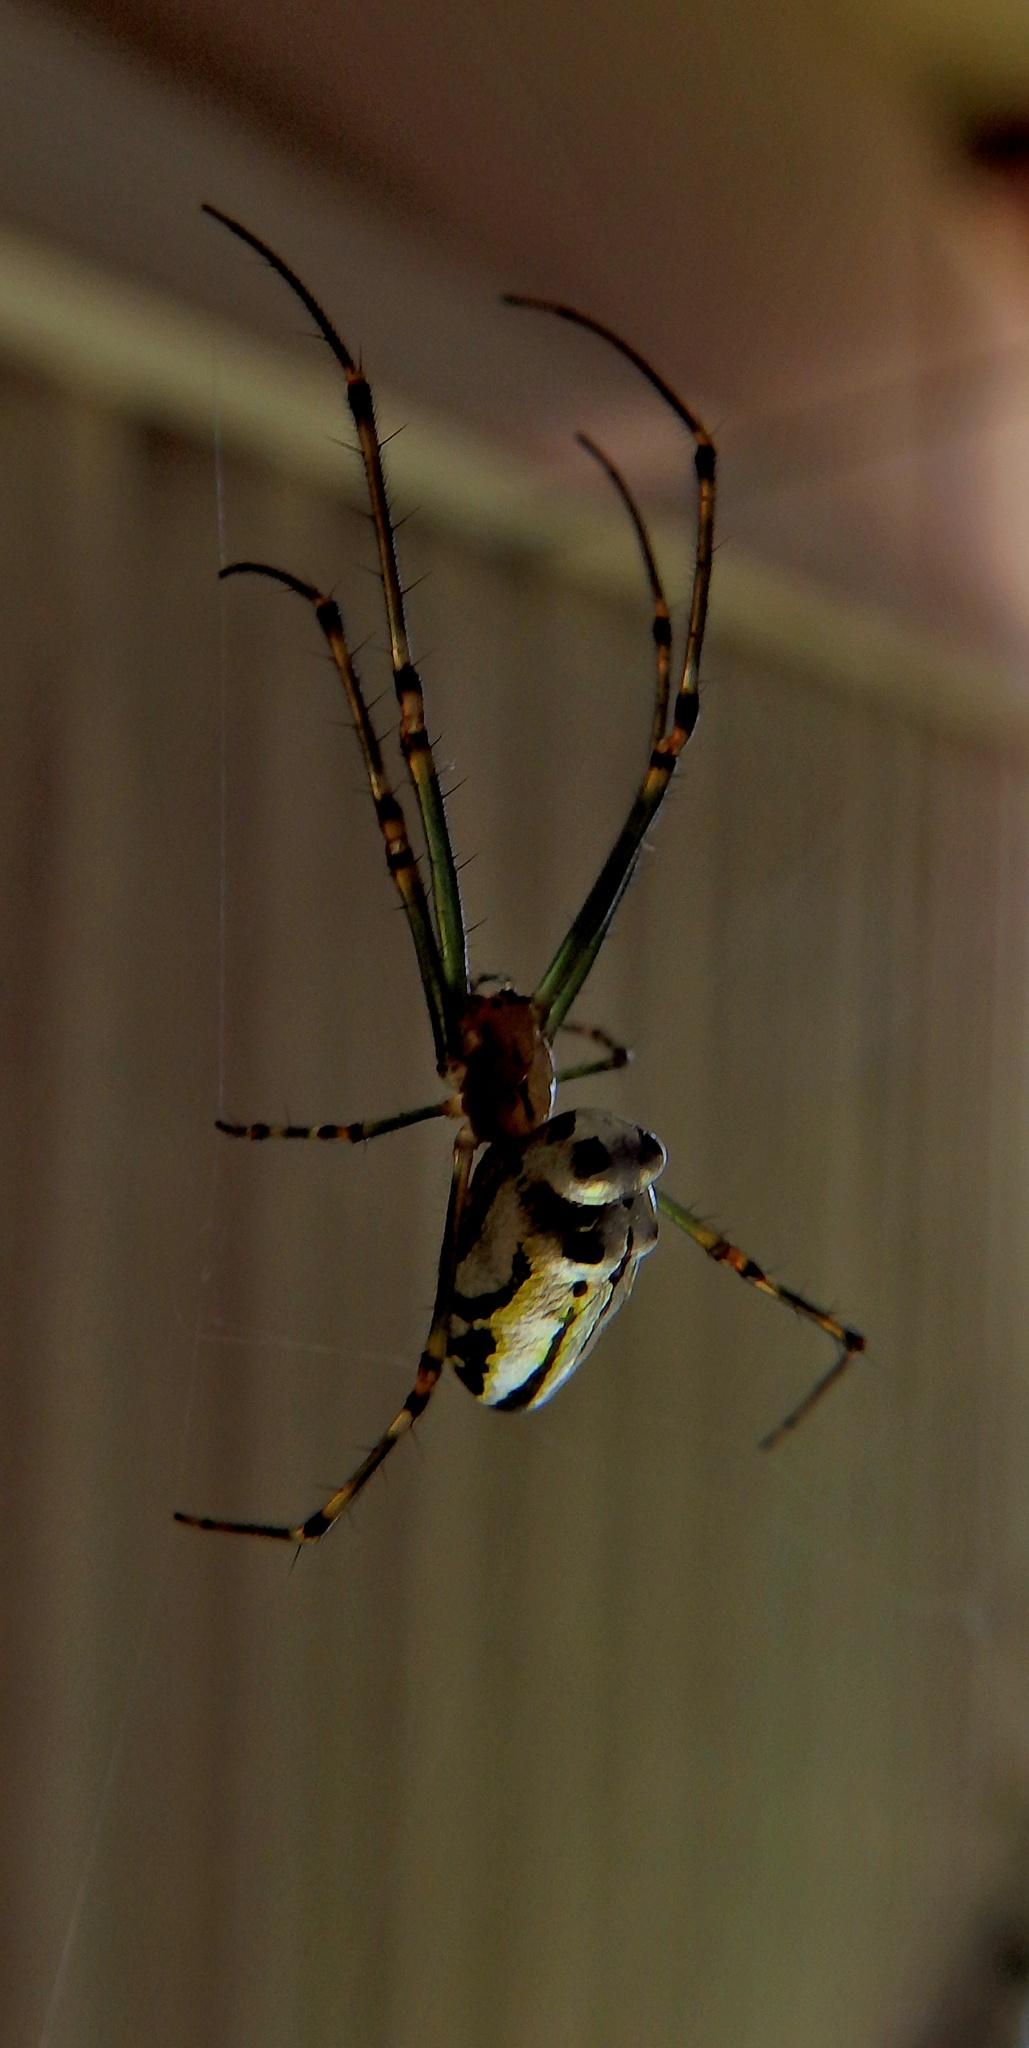 spider metallic by hockeymask1